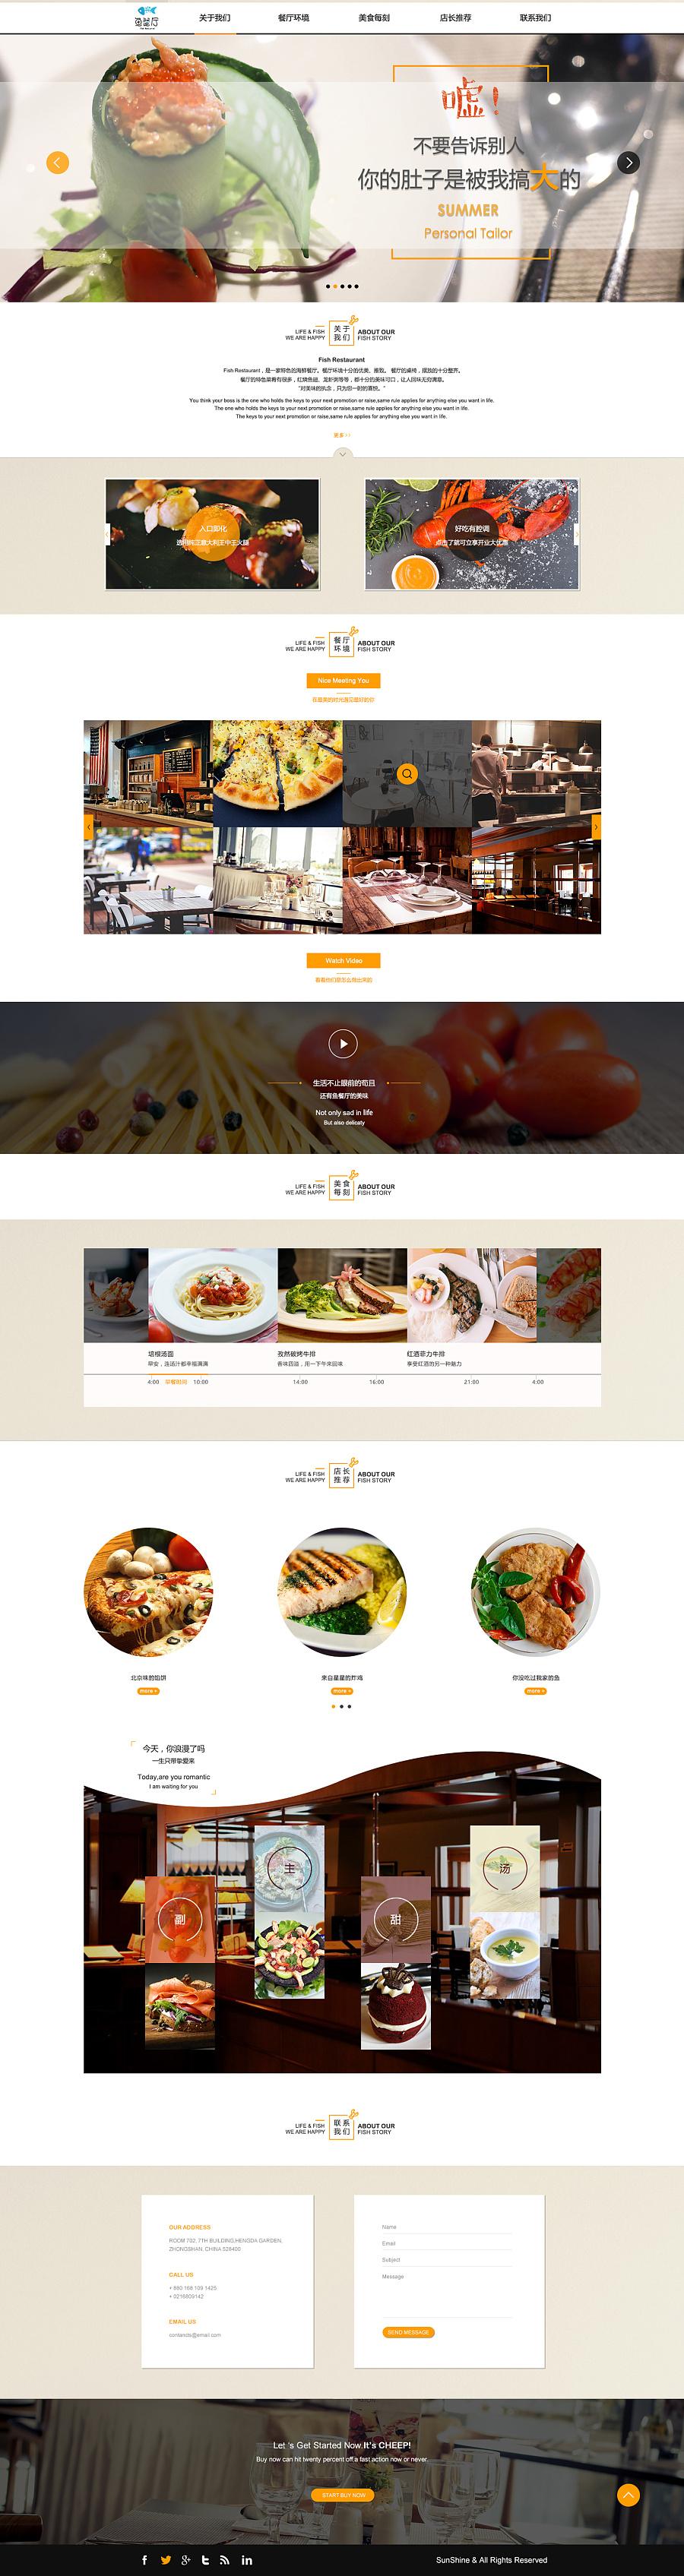 鱼专题网页美食页/餐厅慧美食马卡龙绘图片